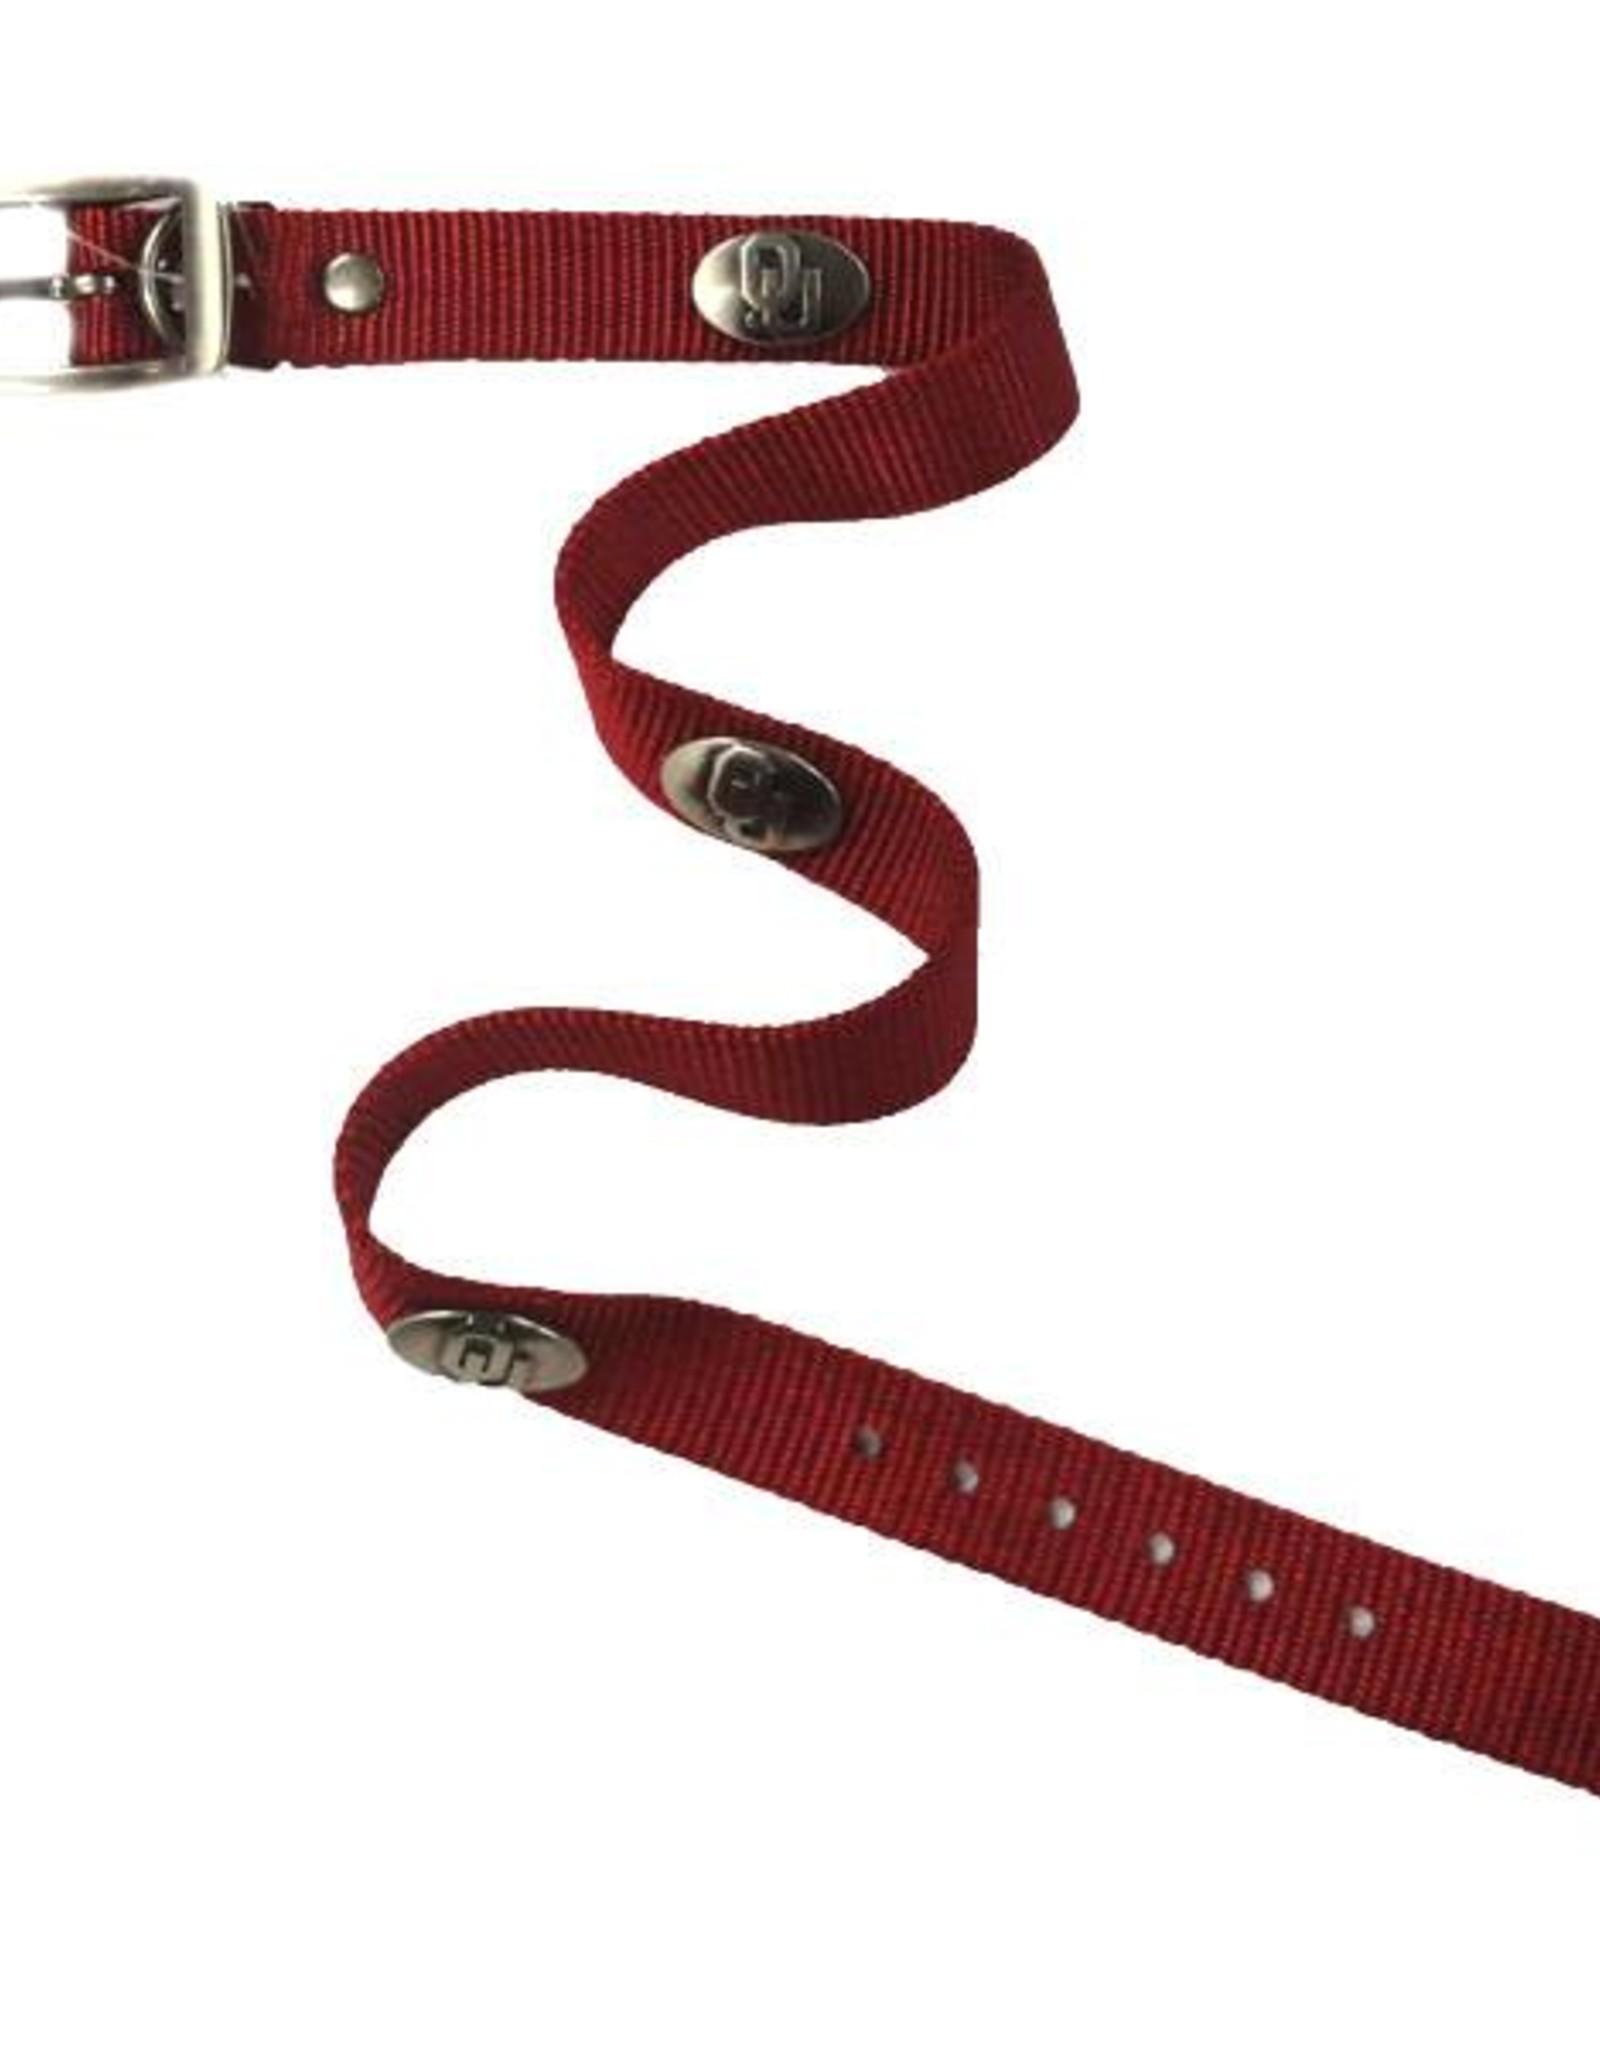 Zep-Pro OU Concho Crimson Nylon Dog Collar